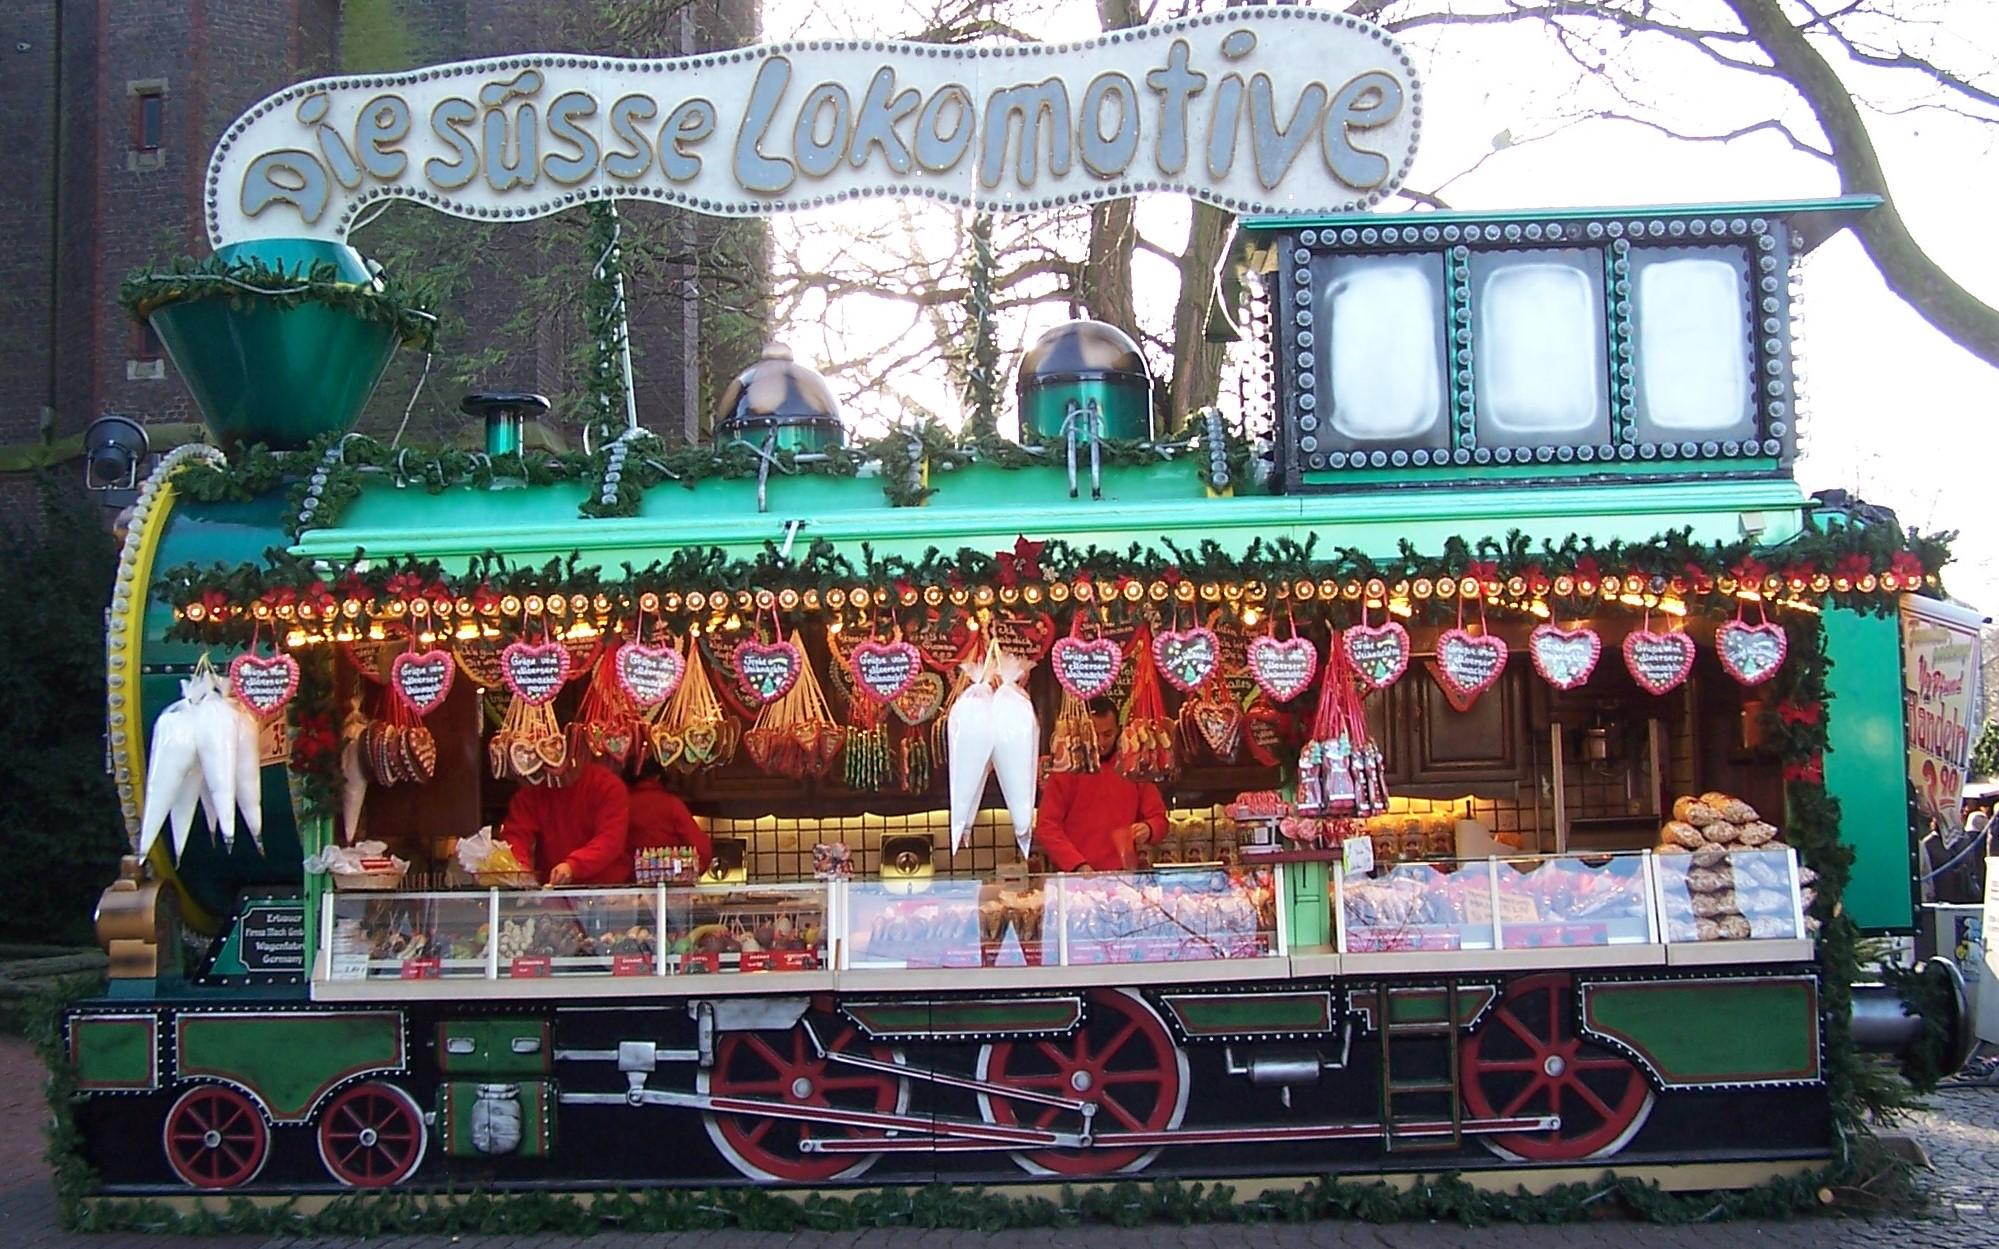 Nach 1983 stand die Süße Lokomotive erst wieder im Jahre 2008 auf einem Weihnachtsmakrt. Bild WM in Moers